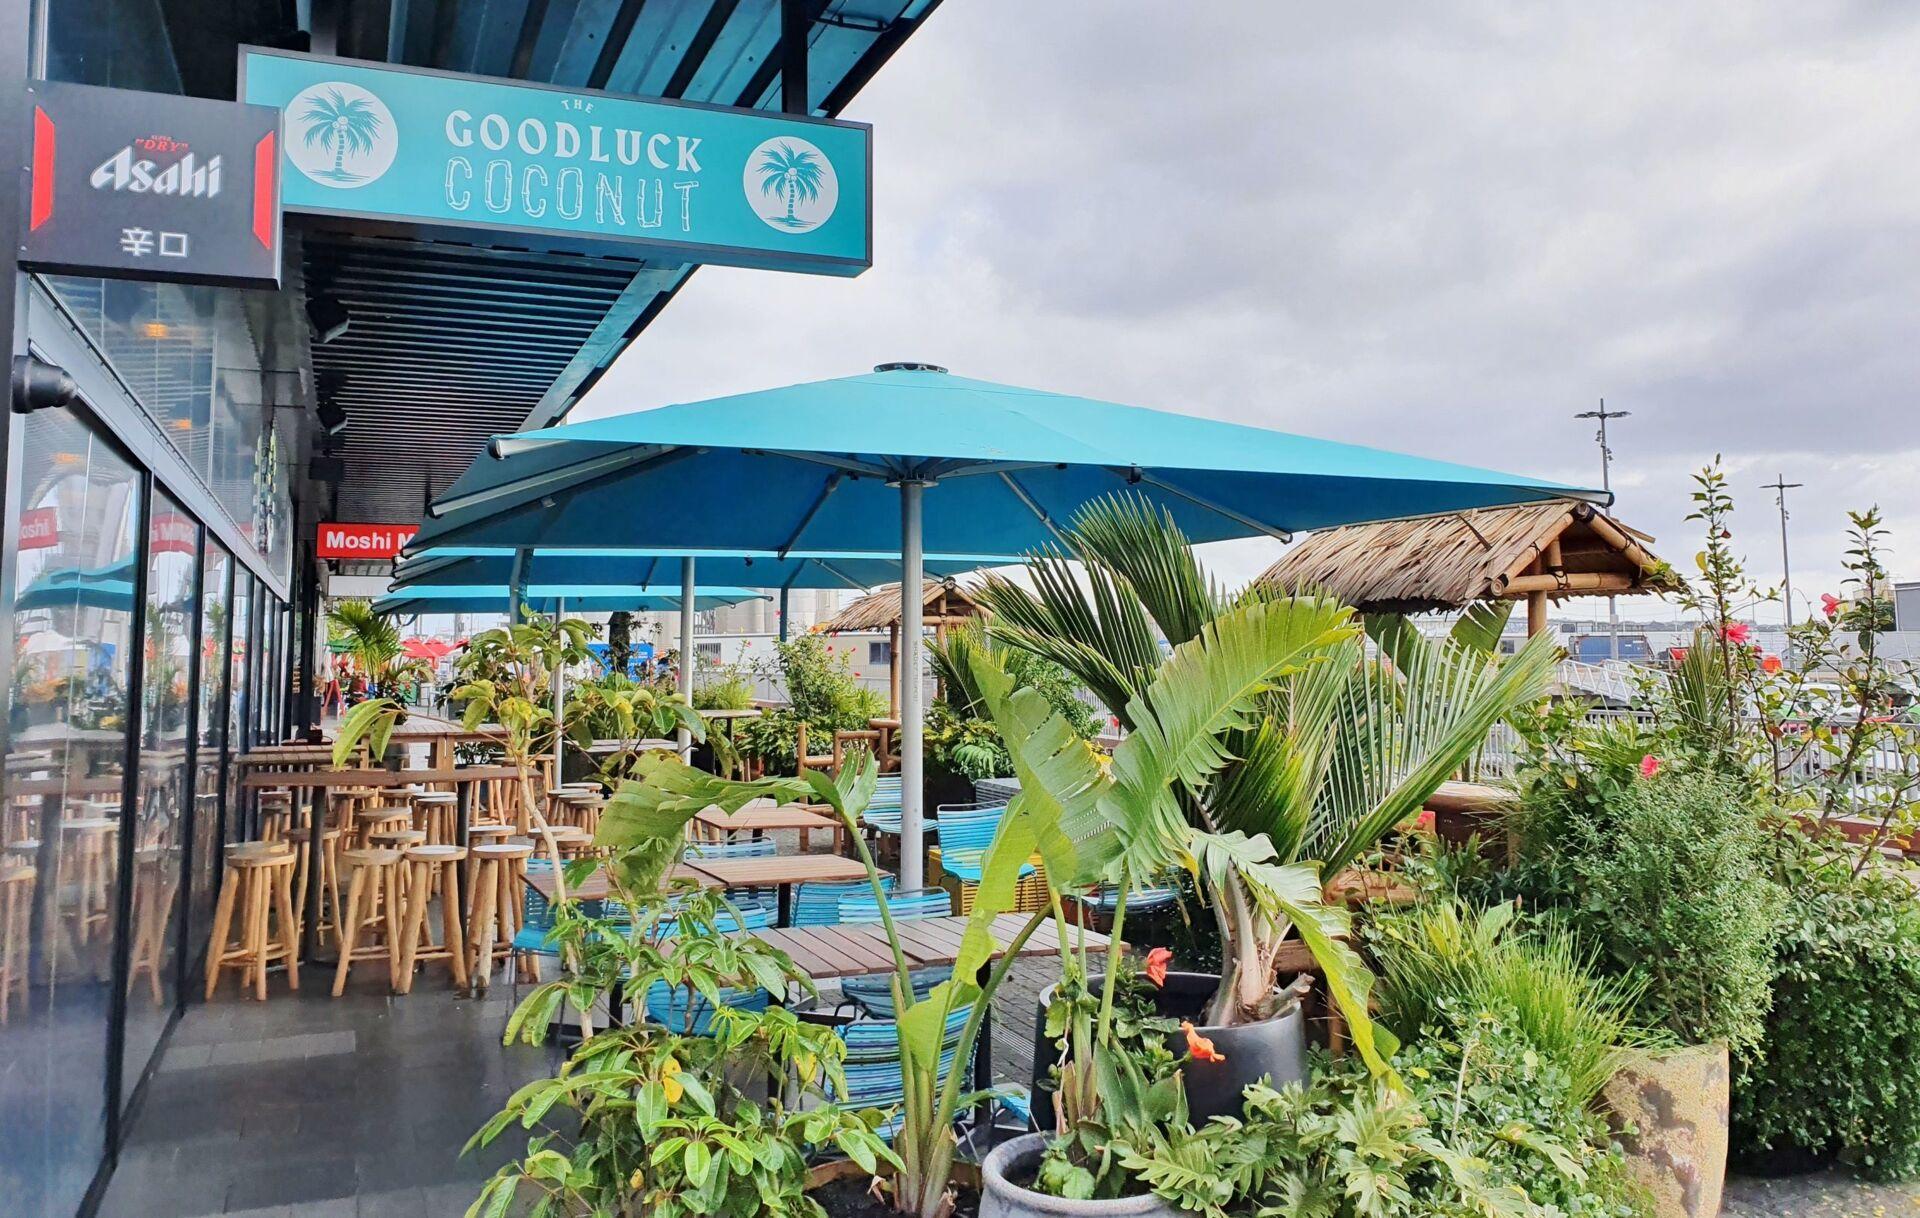 The Goodluck Coconut Tempest Commercial Umbrella